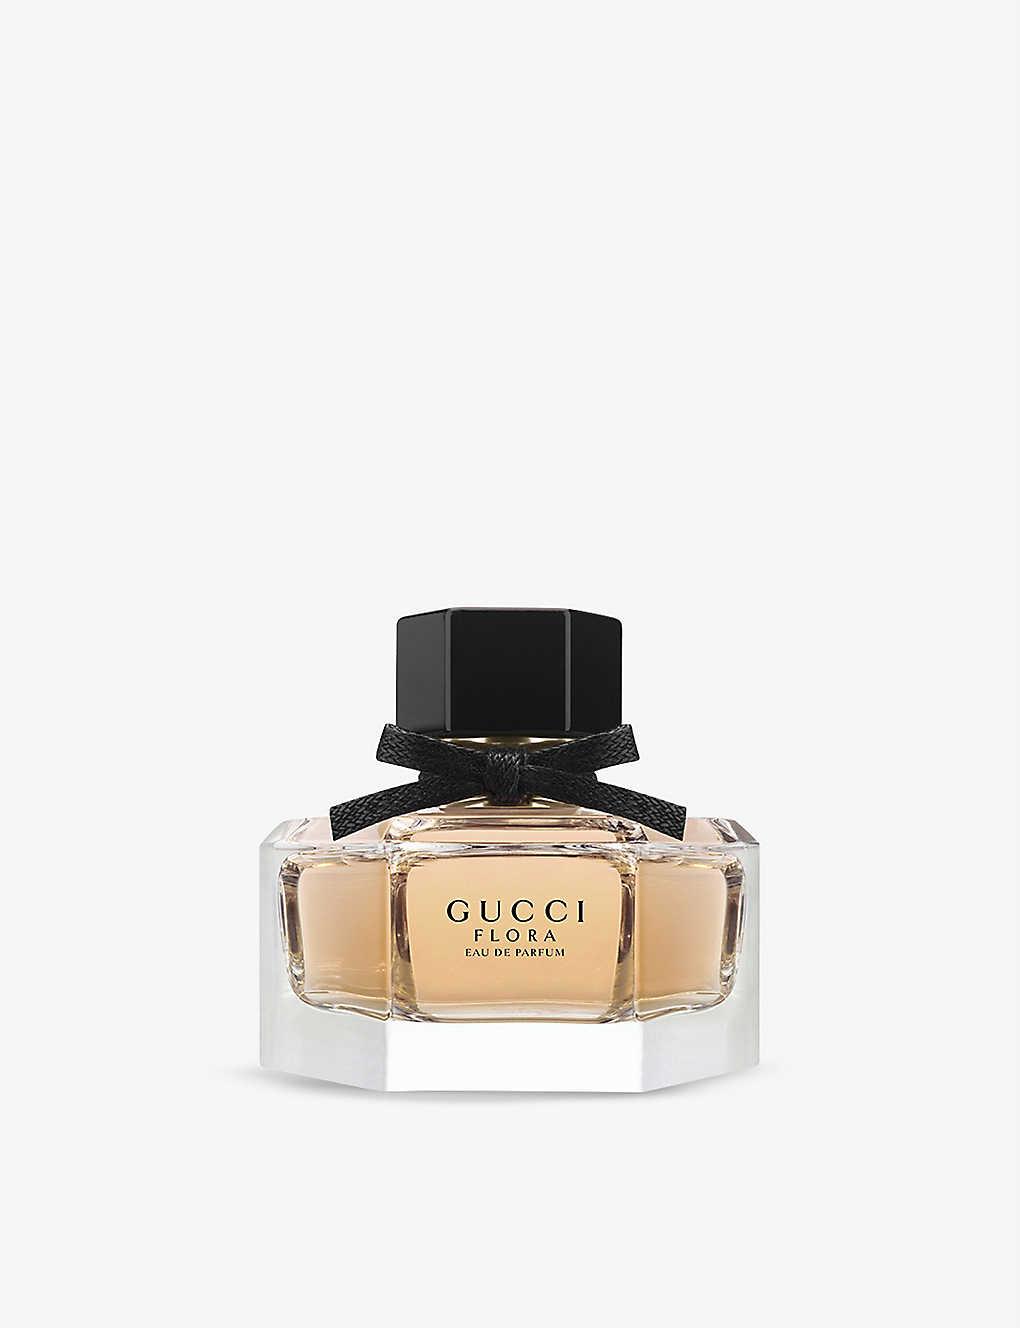 77ab8dc6e90 GUCCI - Flora by Gucci eau de parfum